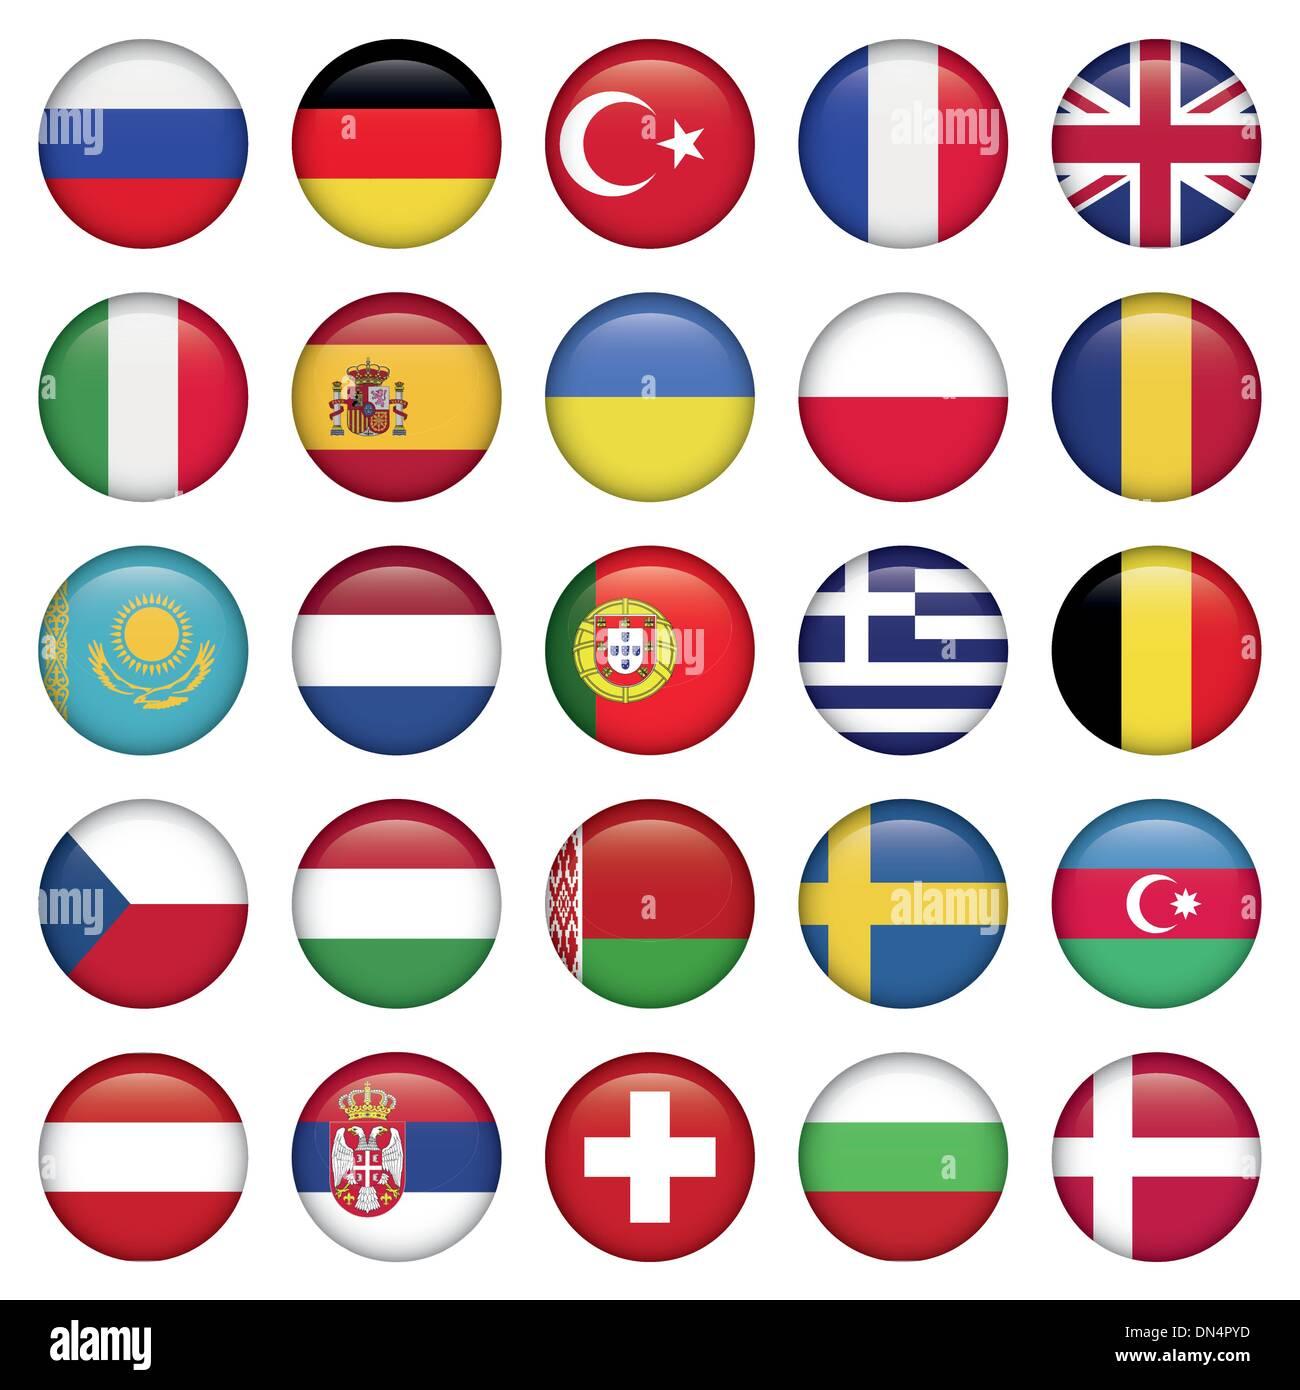 European Icons Round Flags - Stock Image